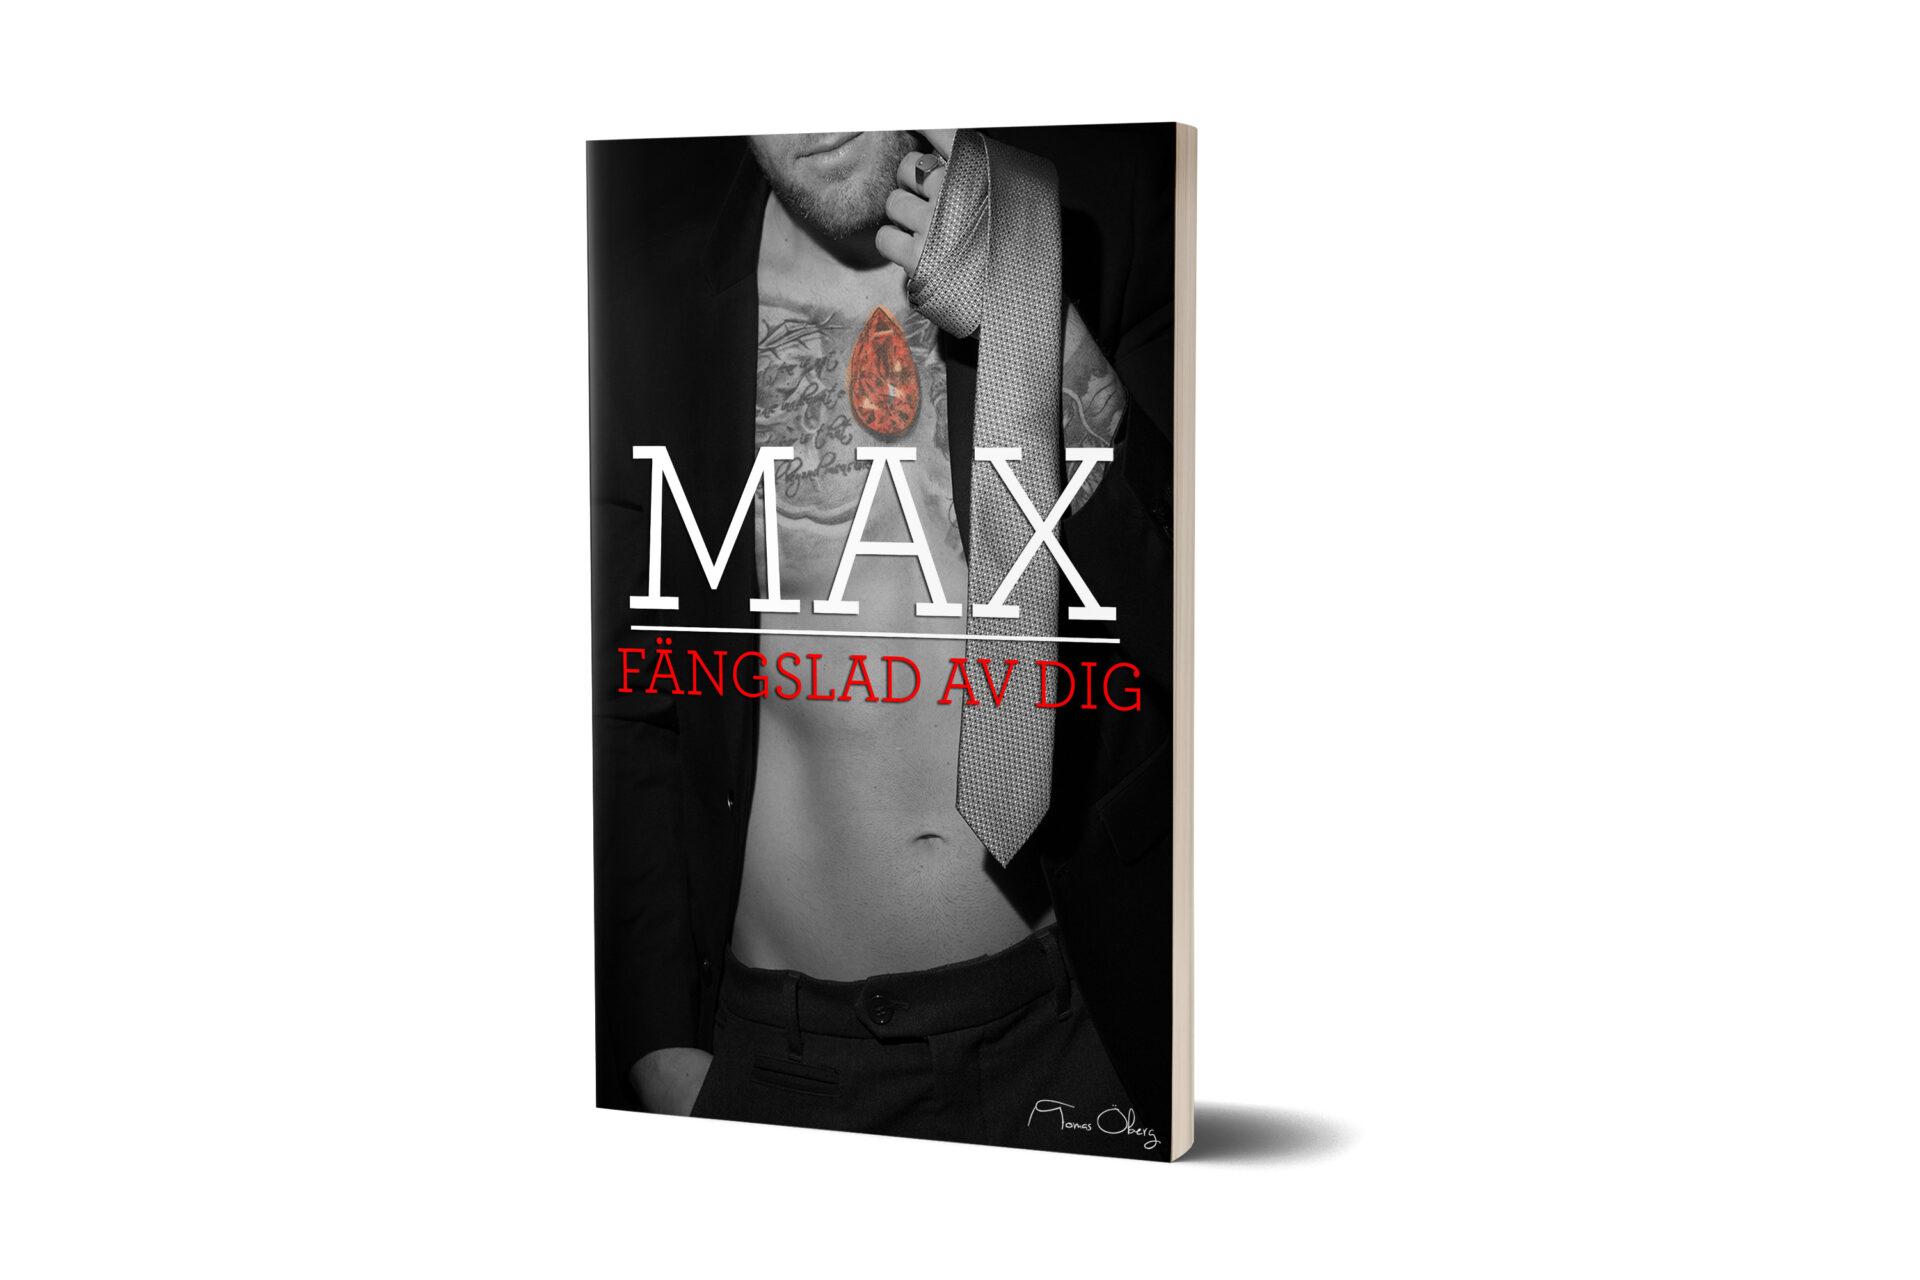 Max fängslad av dig